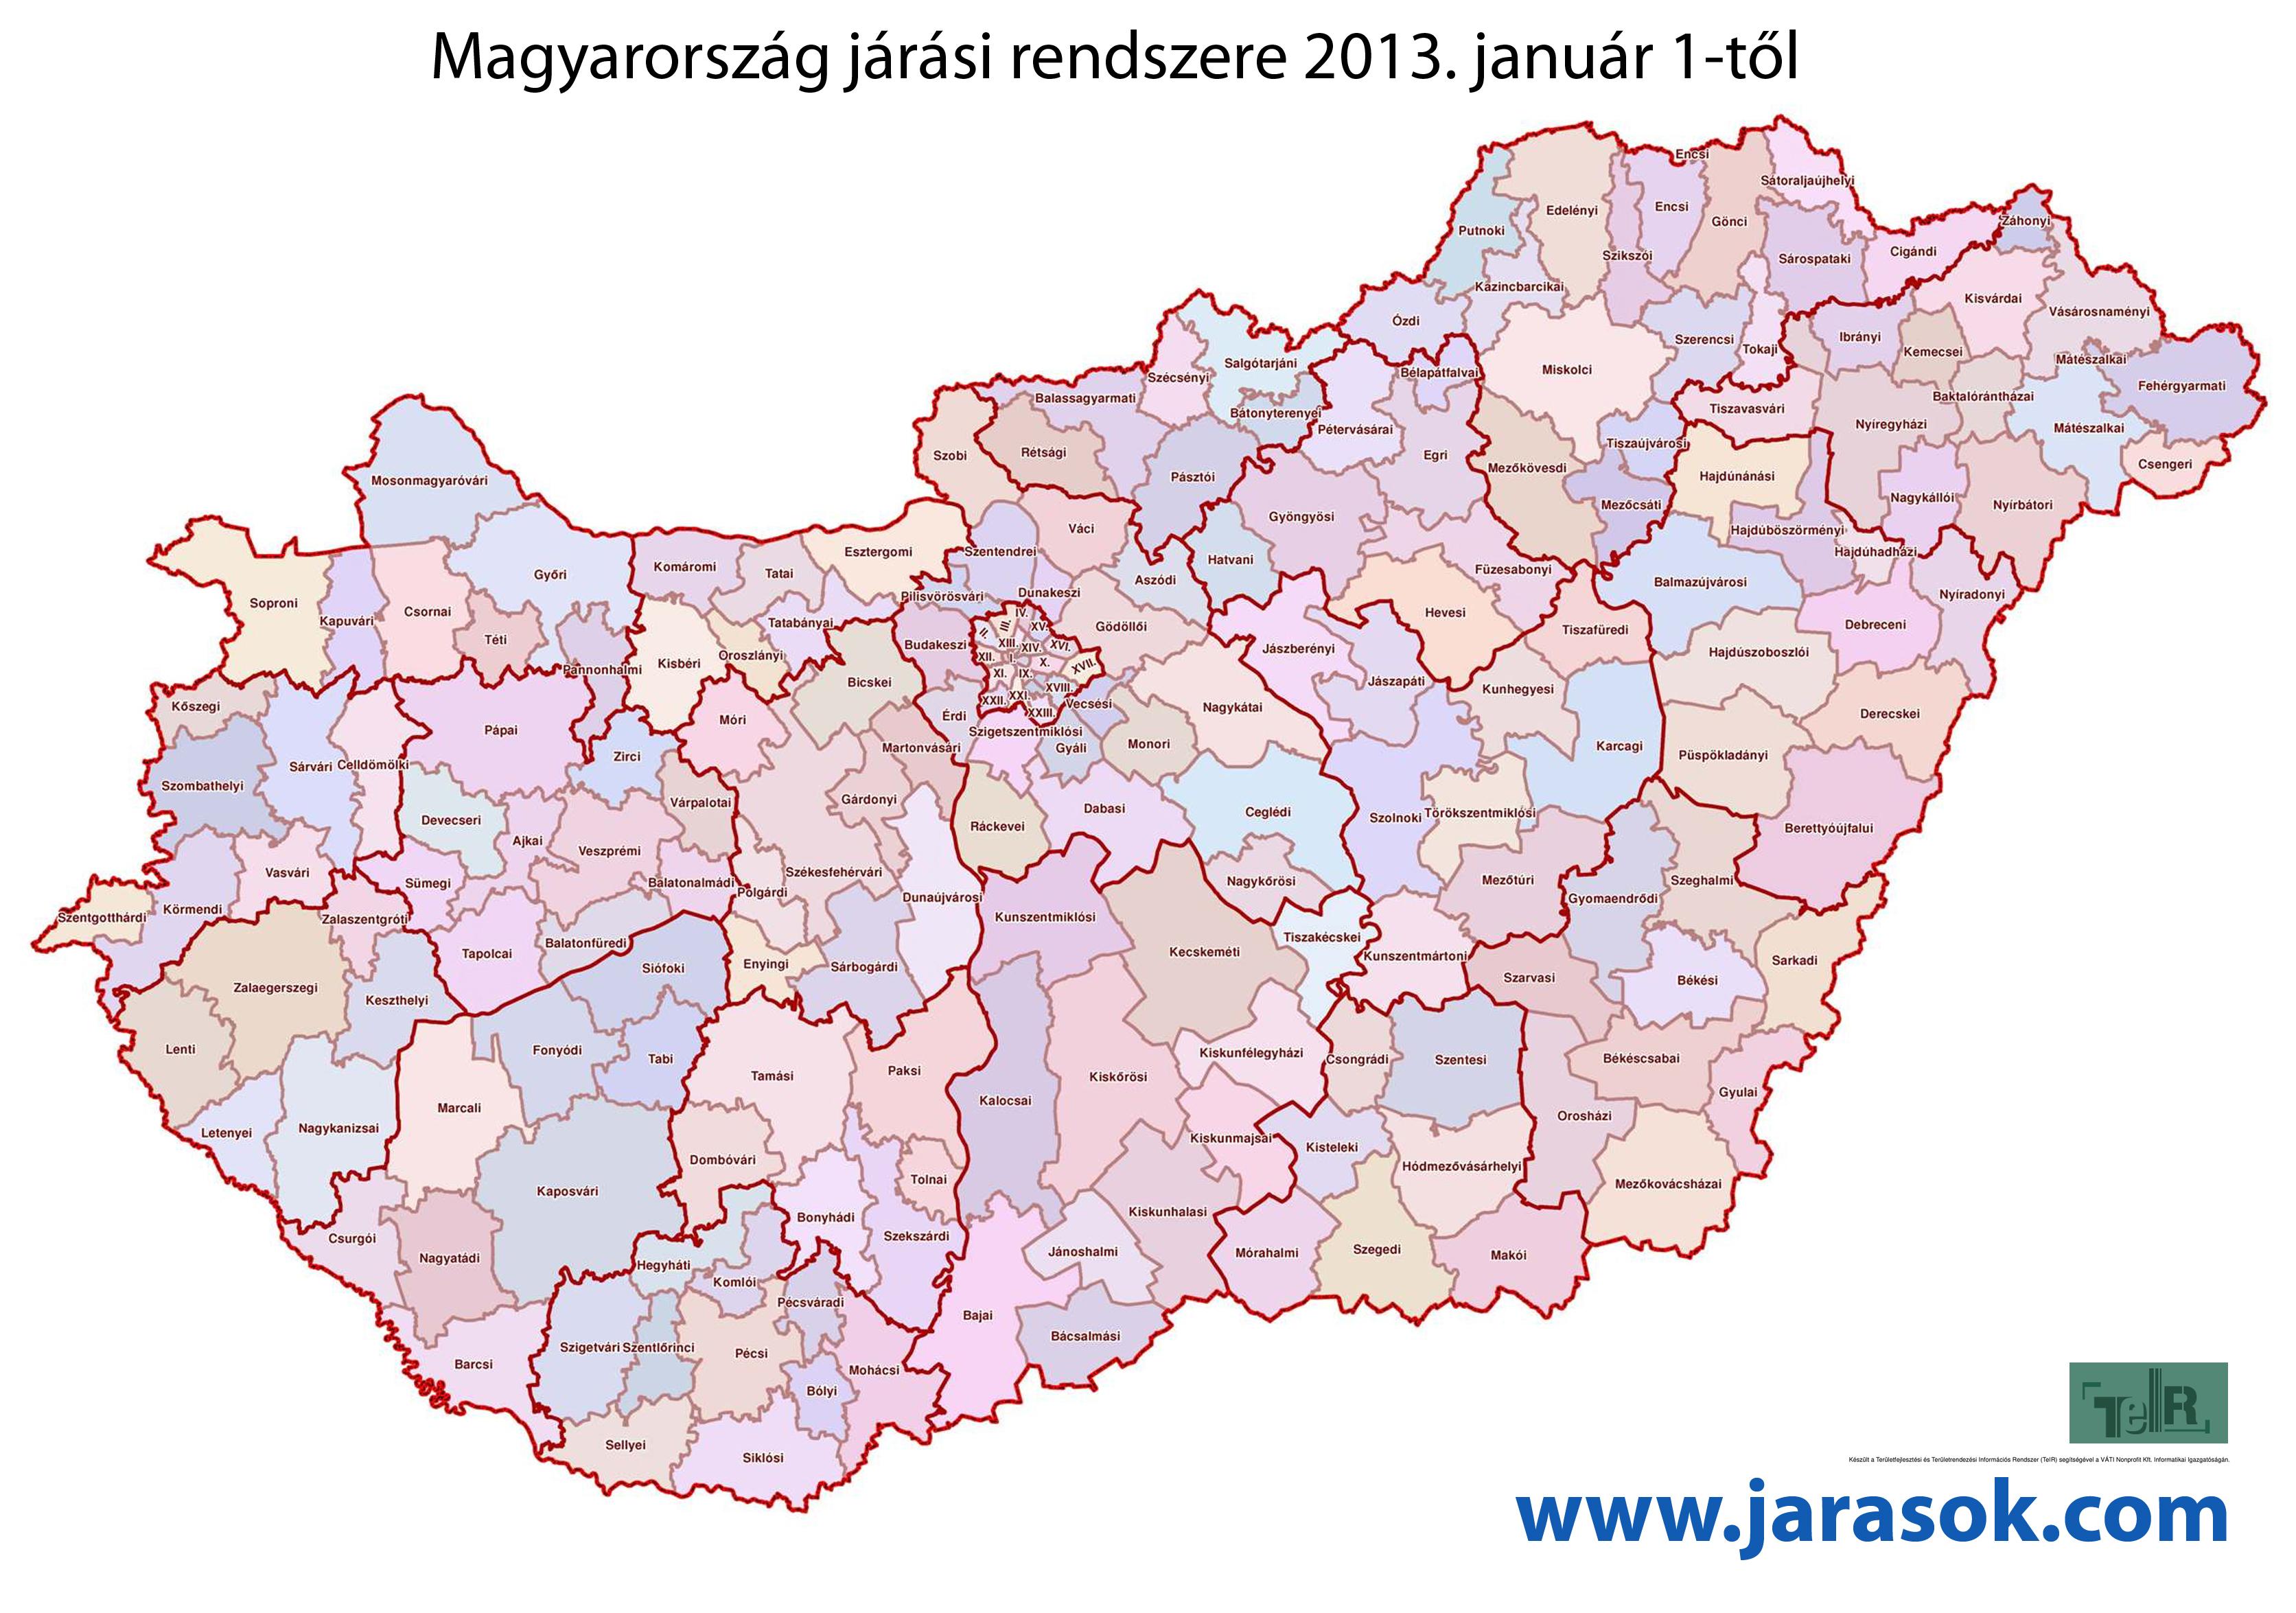 magyarország térkép komárom JÁRÁS TÉRKÉP MAGYARORSZÁG   Magyarország járási térképe   JÁRÁSOK  magyarország térkép komárom